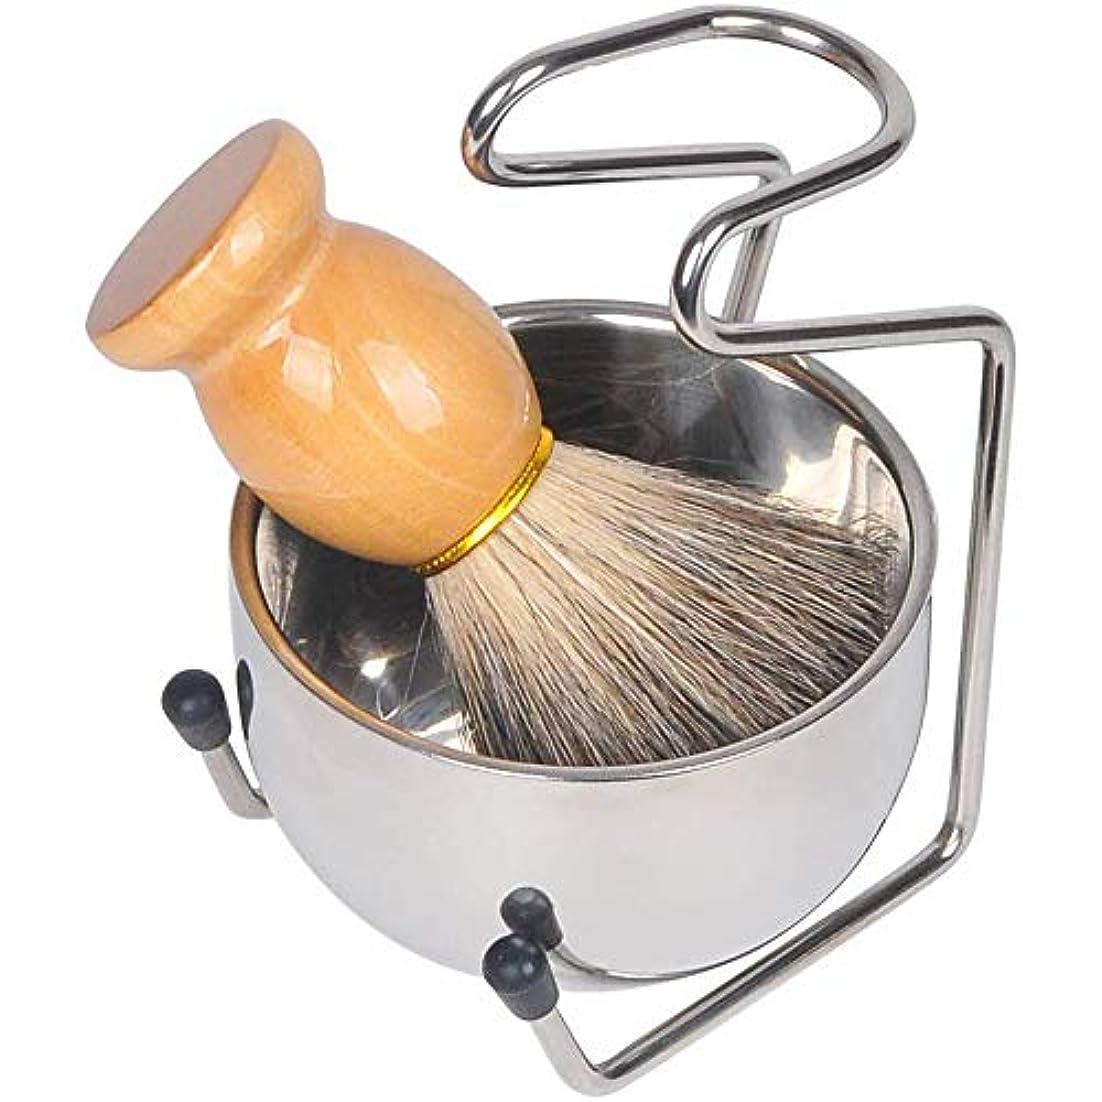 風が強いモンスター買い物に行く3点セット ひげブラシ シェービング石鹸ボウルシェービングブラシセット洗顔ブラシ メンズ 理容 髭剃り 泡立ち毛